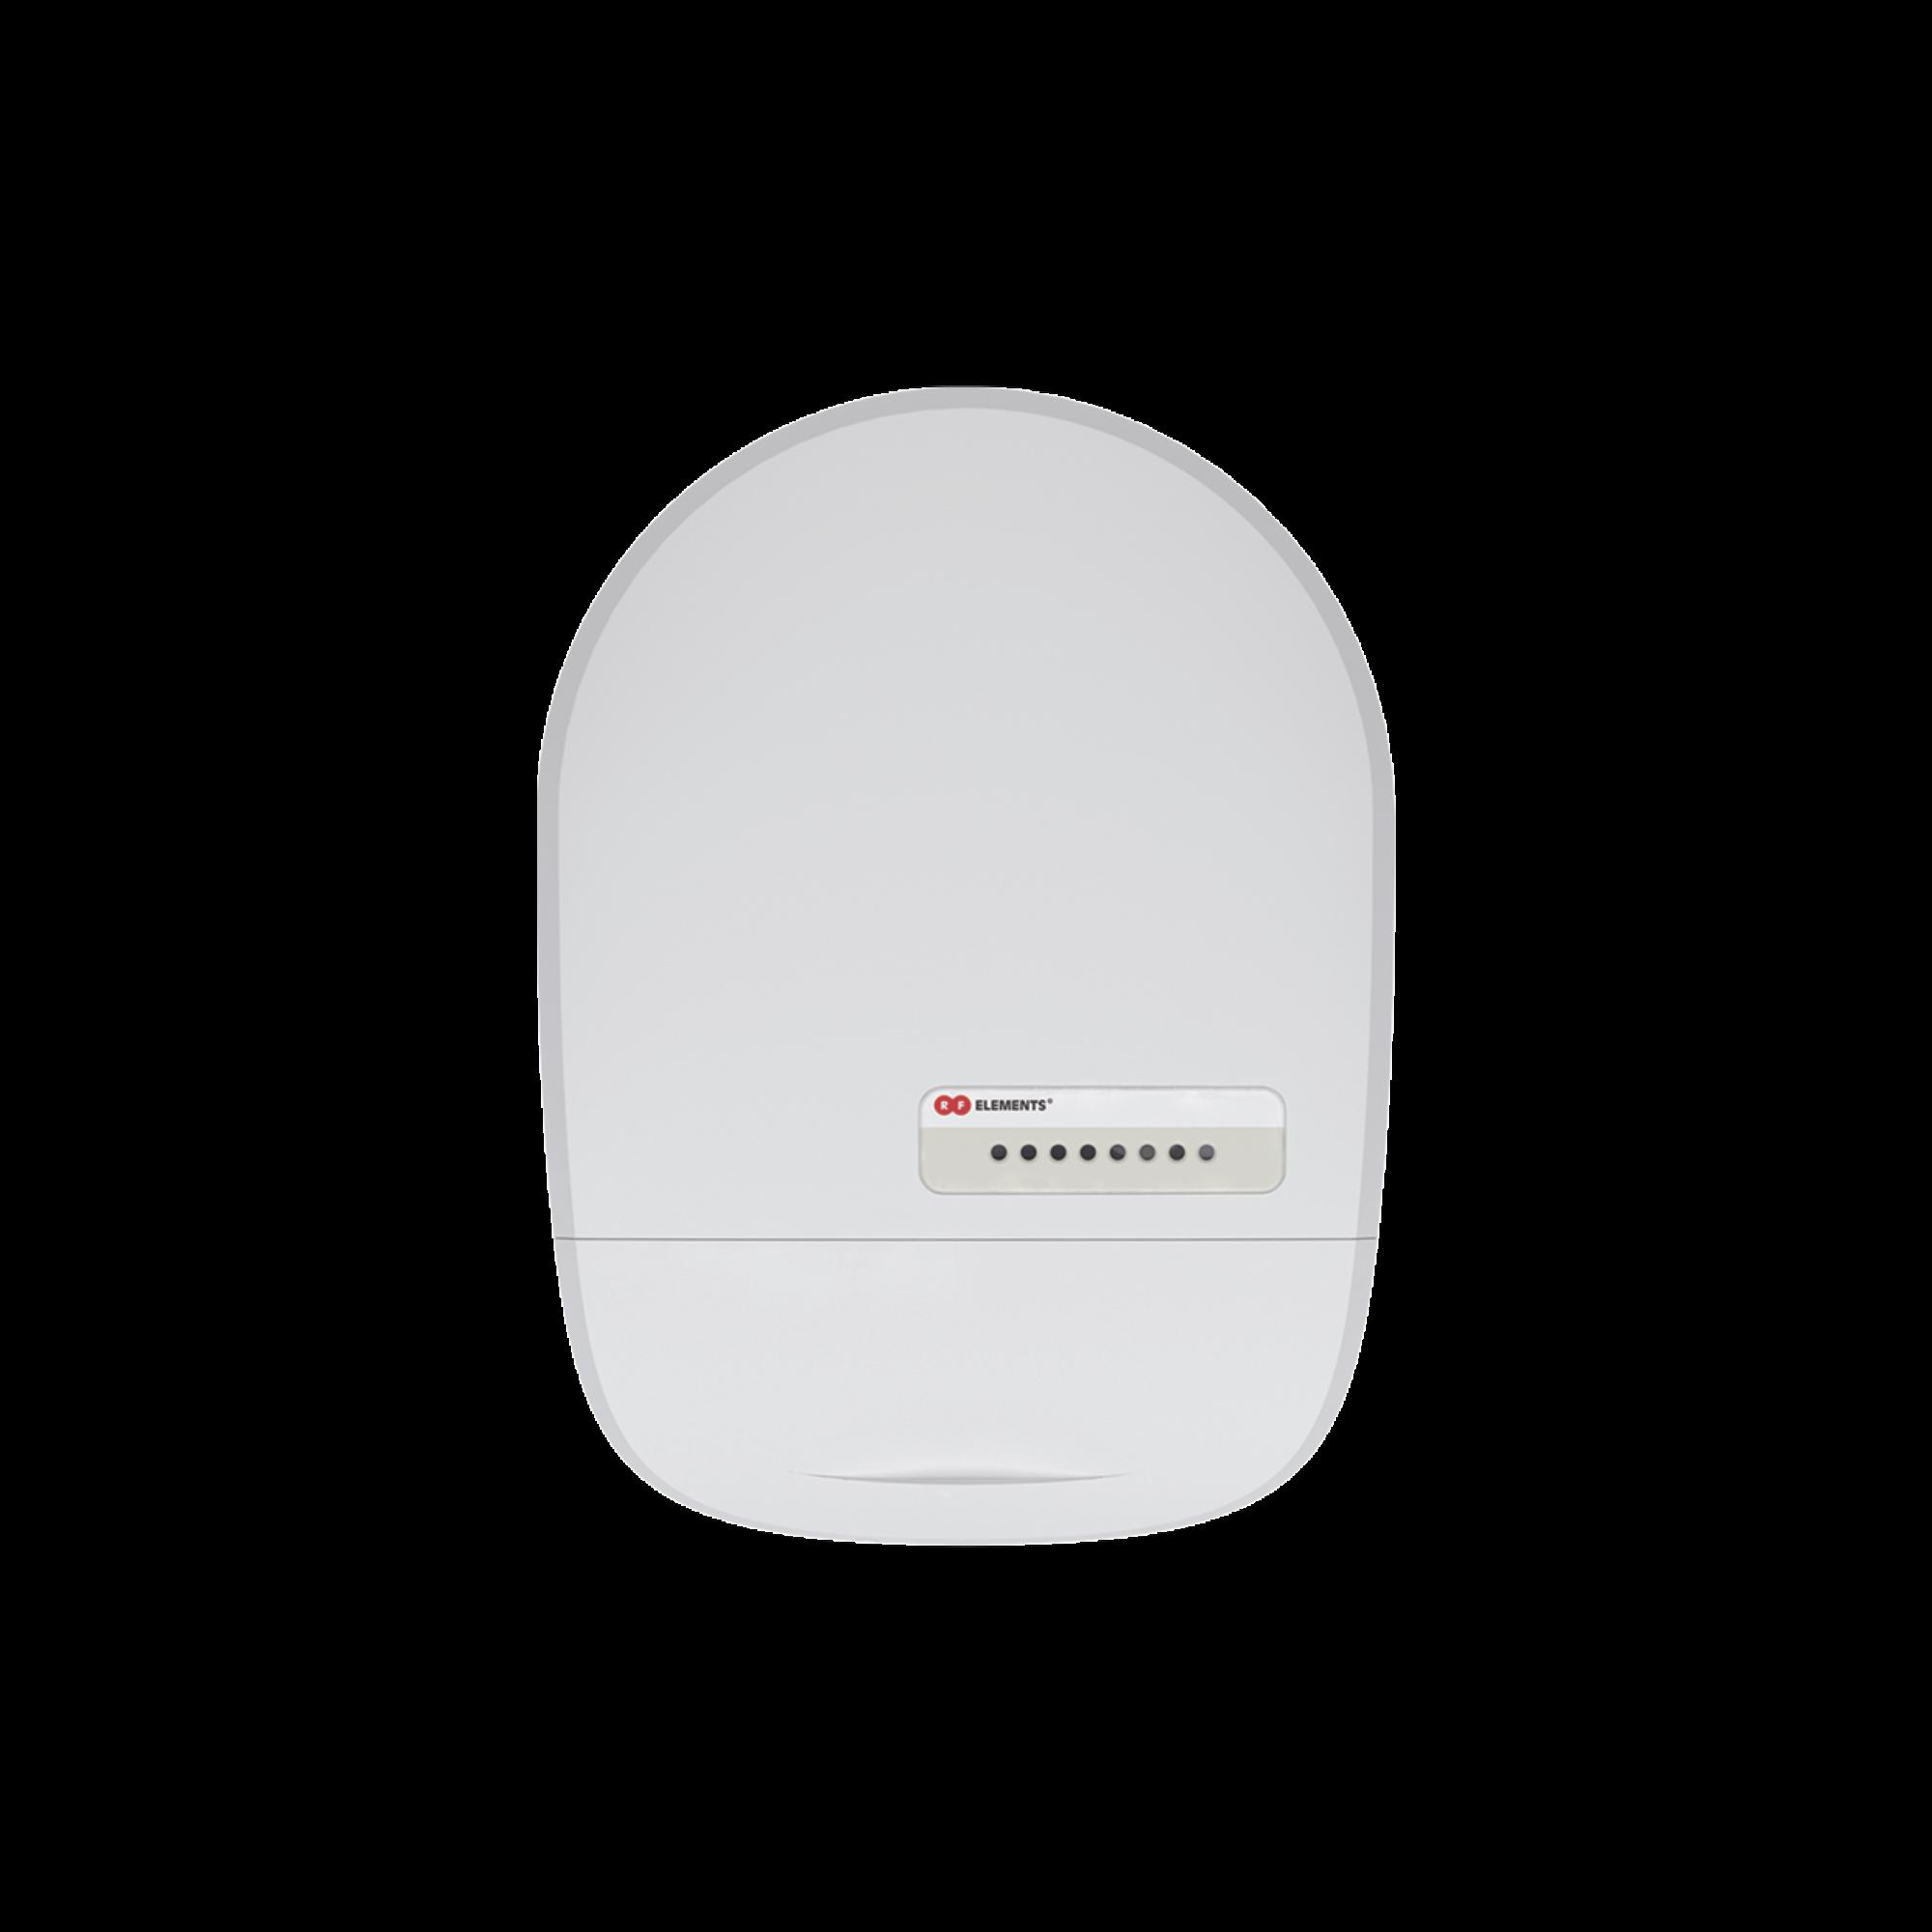 Adaptador TwistPort de plastico para tablillas MikroTik modelos RB92x, RBM11G, RB91x, RB71x y RB411L rango de operación 5180-6400 MHz